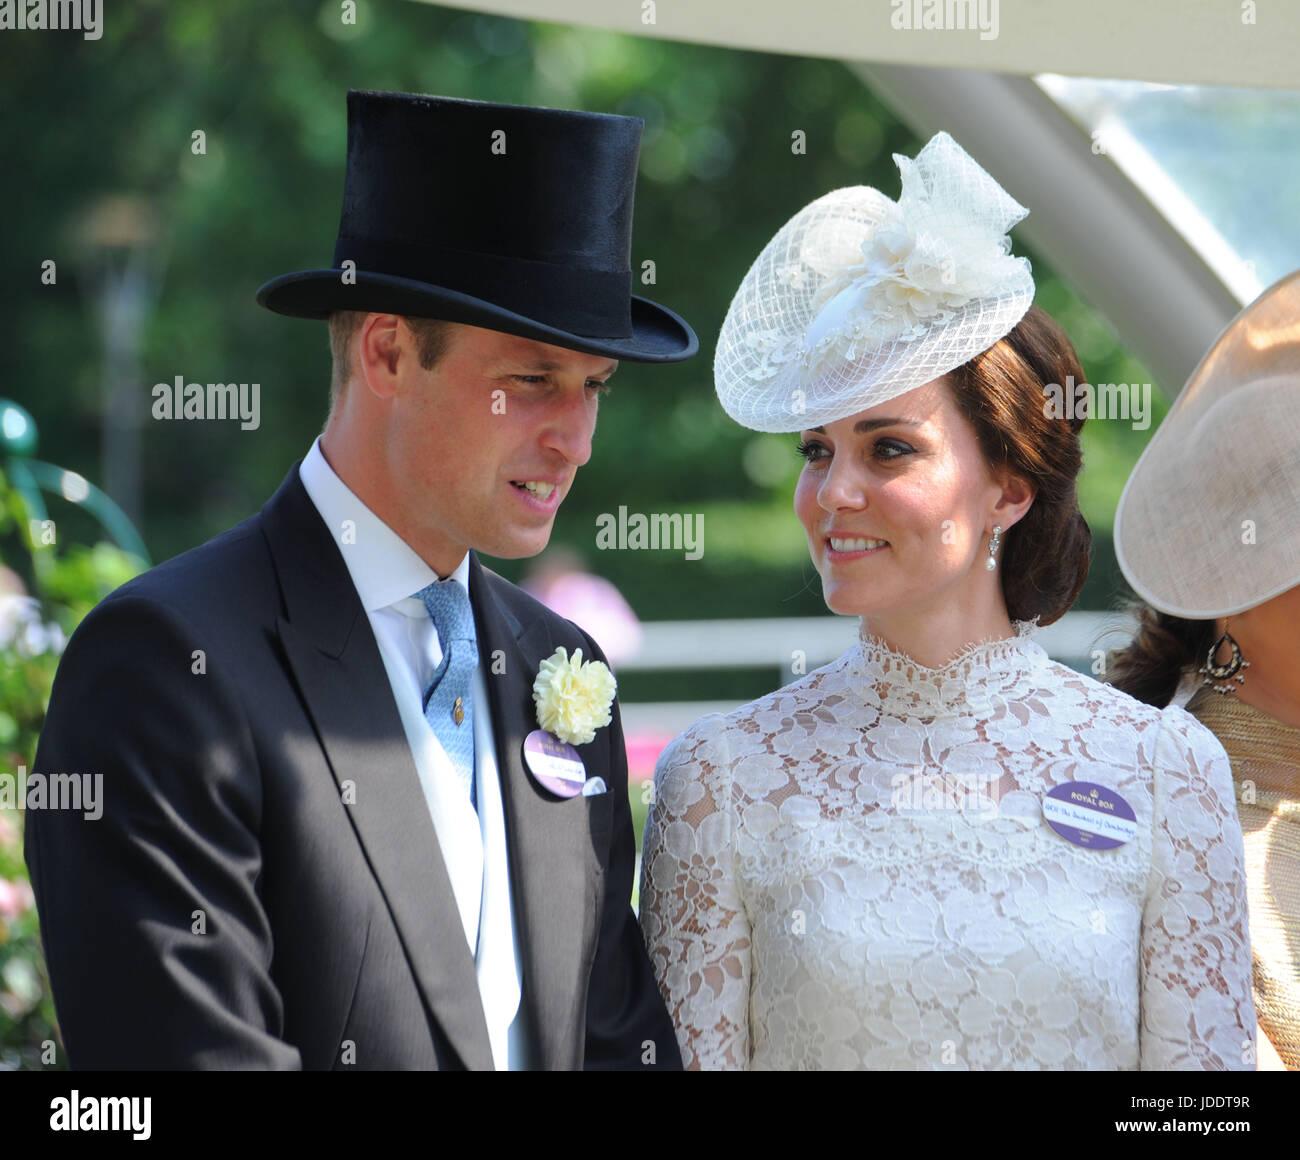 Ascot, Reino Unido. 20 de junio de 2017. Duque y Duquesa de Cambridge en el Royal Ascot, Berkshire, Reino Unido. Imagen De Stock